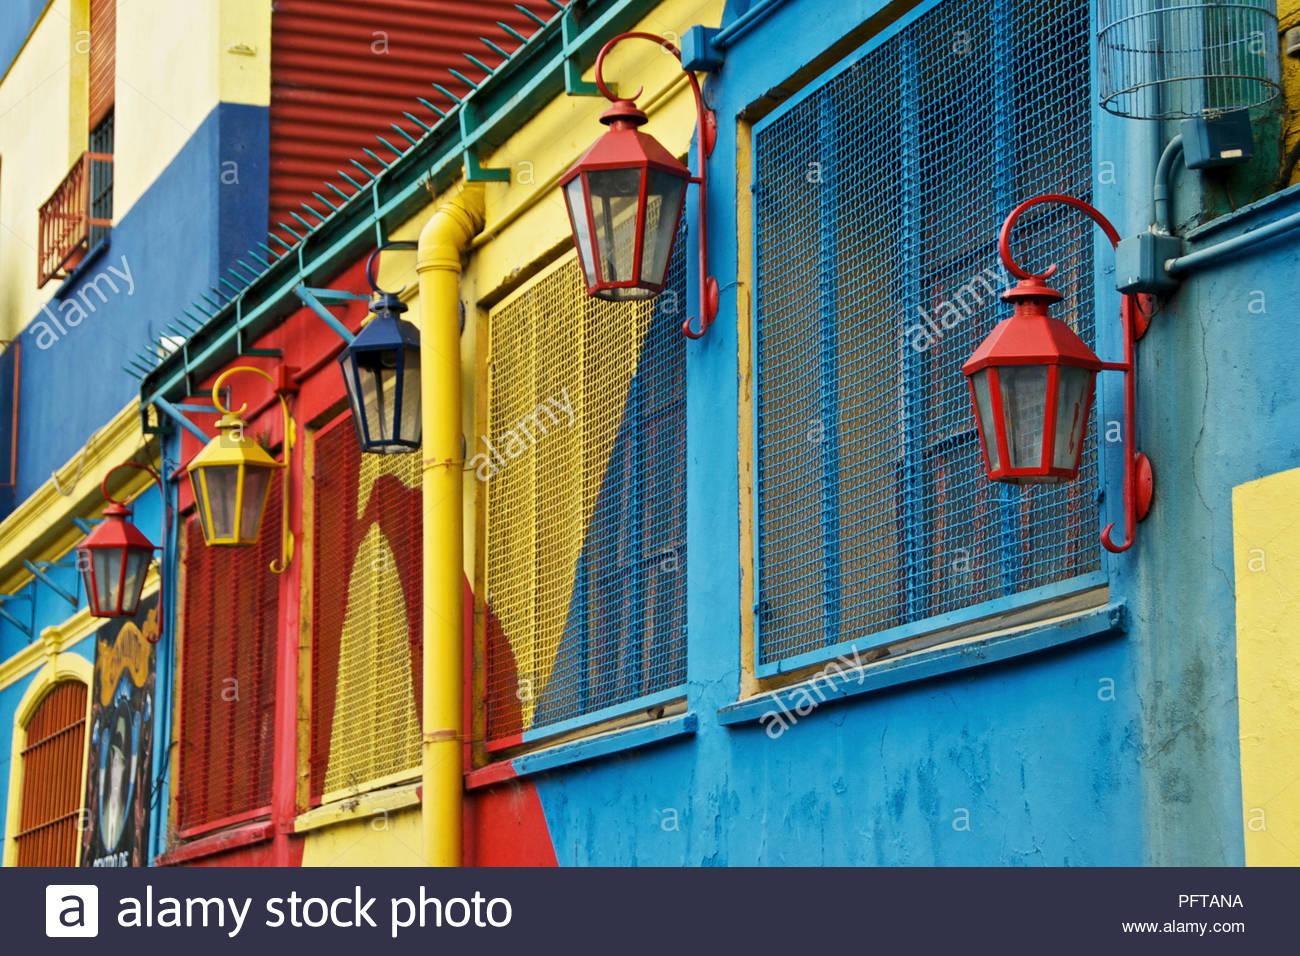 L'Amérique du Sud, peintes de couleurs vives avec des lampes de rue, quartier La Boca, Buenos Aires, Argentine Photo Stock